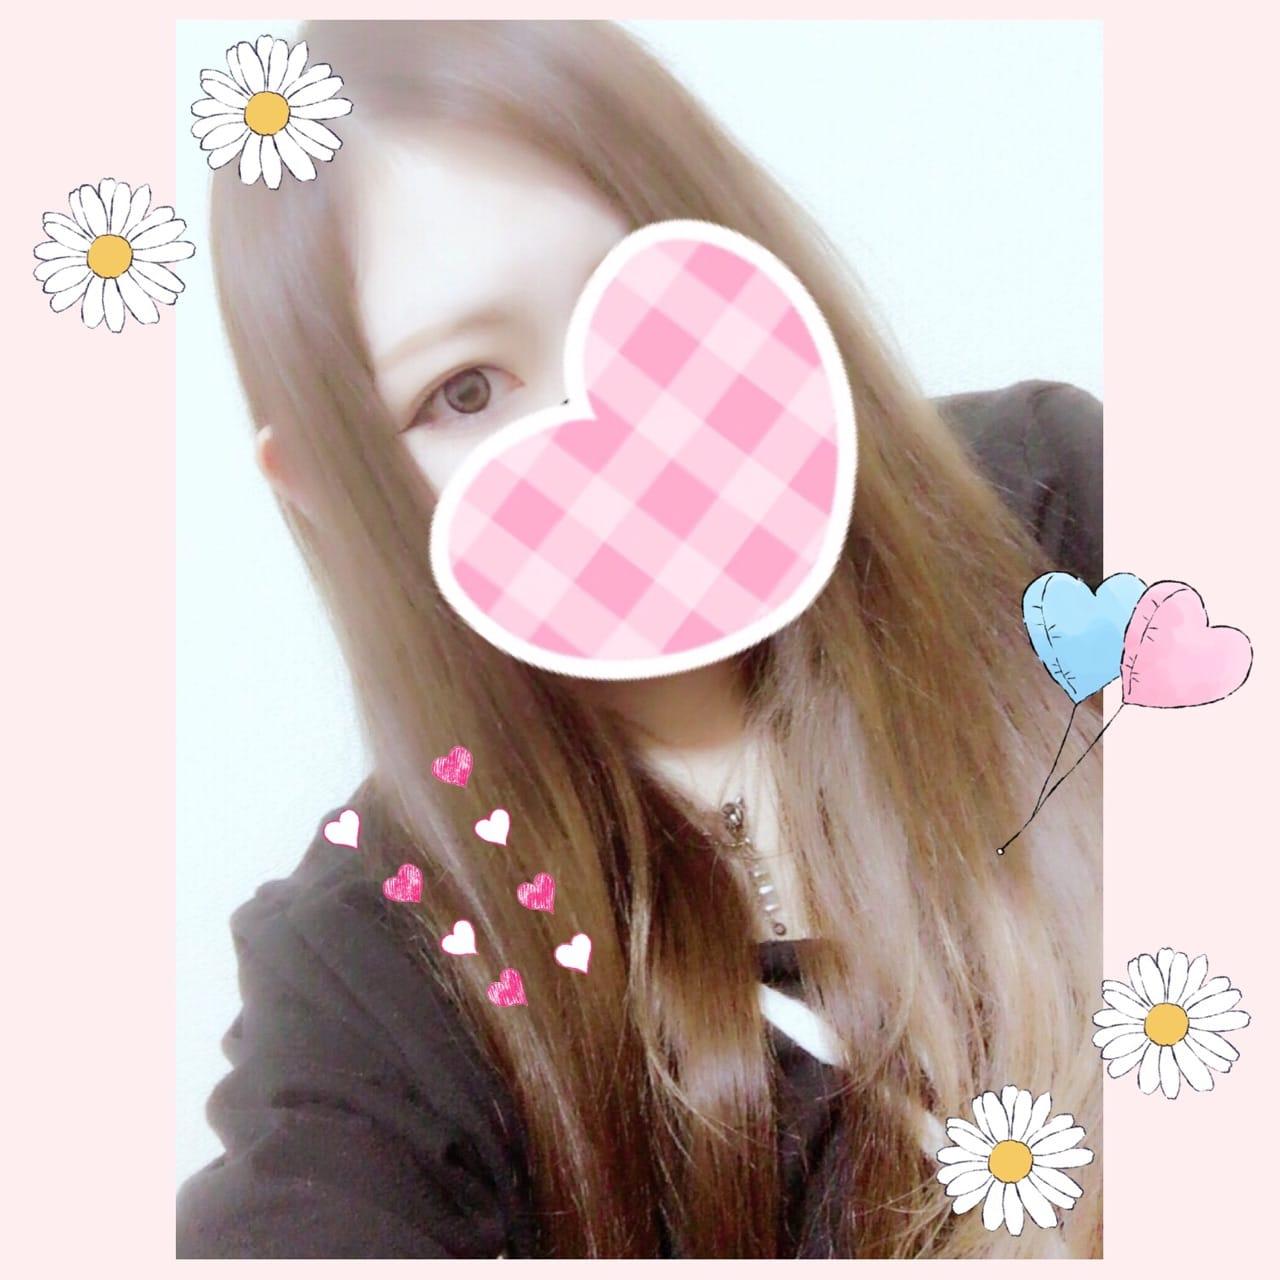 「*しゅっきん*」01/23(火) 23:08 | しえらの写メ・風俗動画